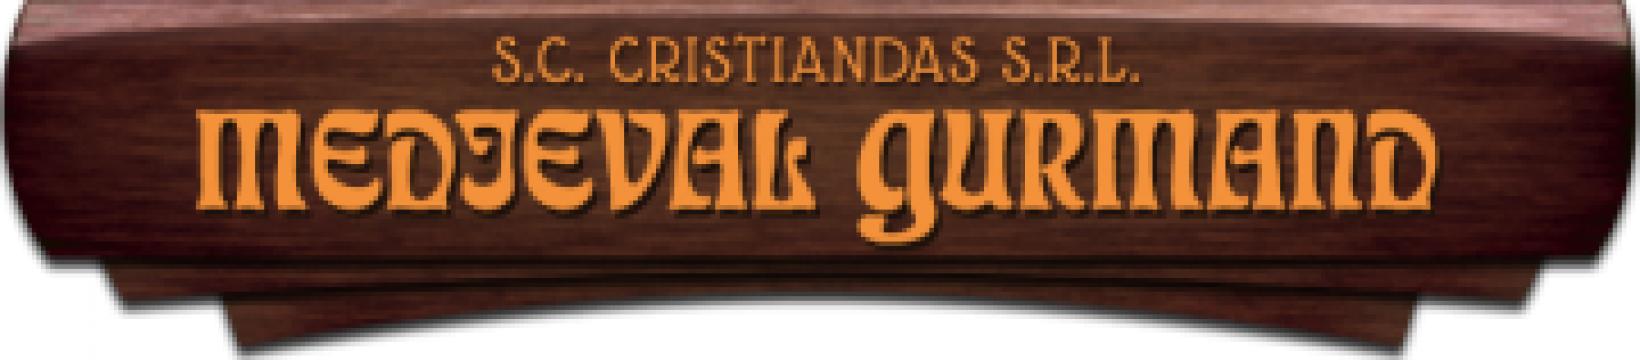 Meniuri catering - Meniul zilei de la Cristiandas SRL